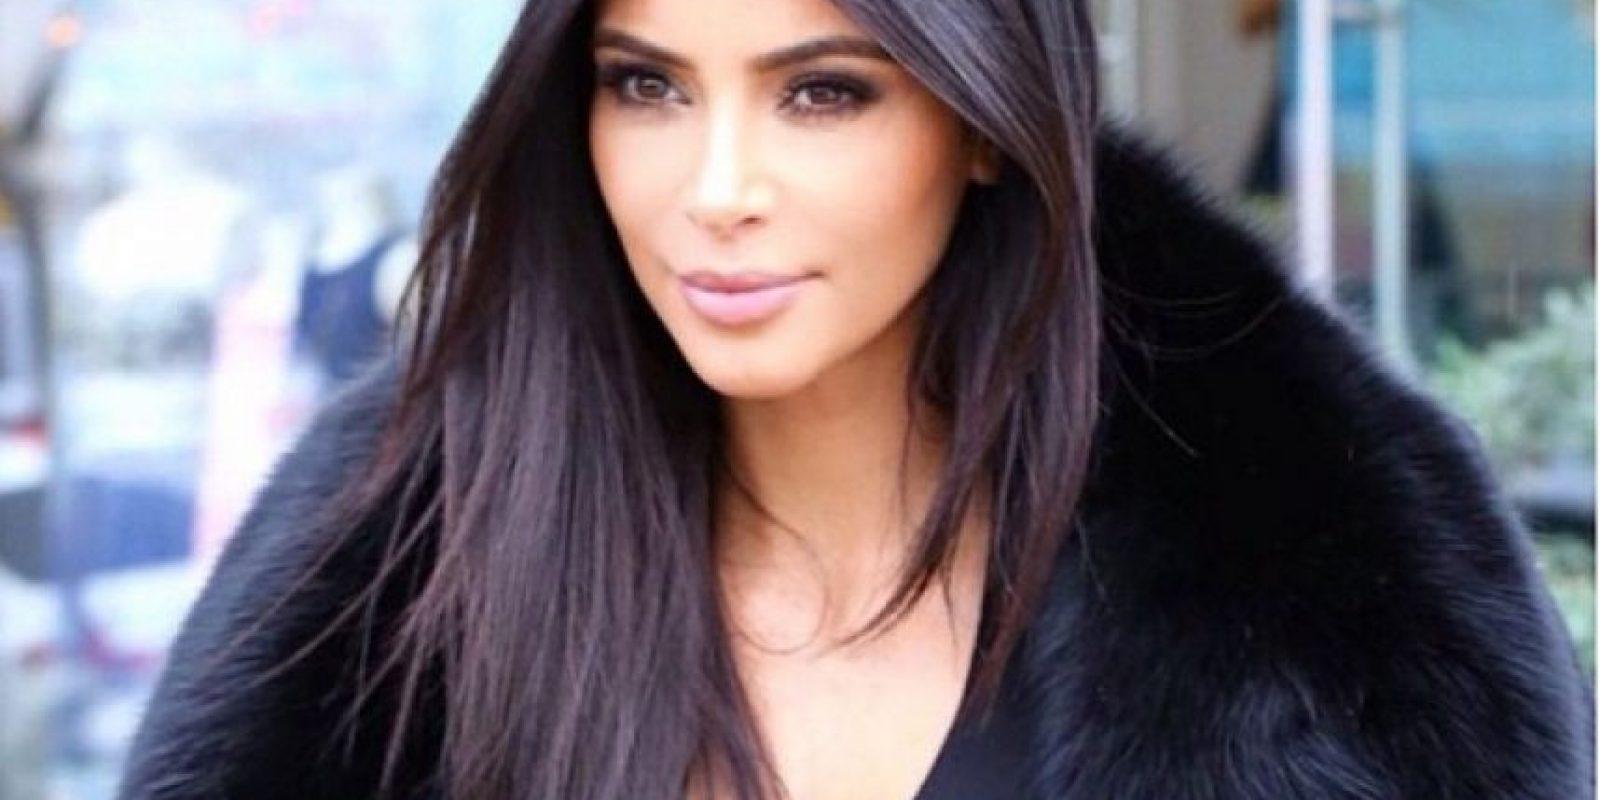 Actualmente está casada con el rapero Kanye West. Foto:Vía Instagram.com/kimkardashian